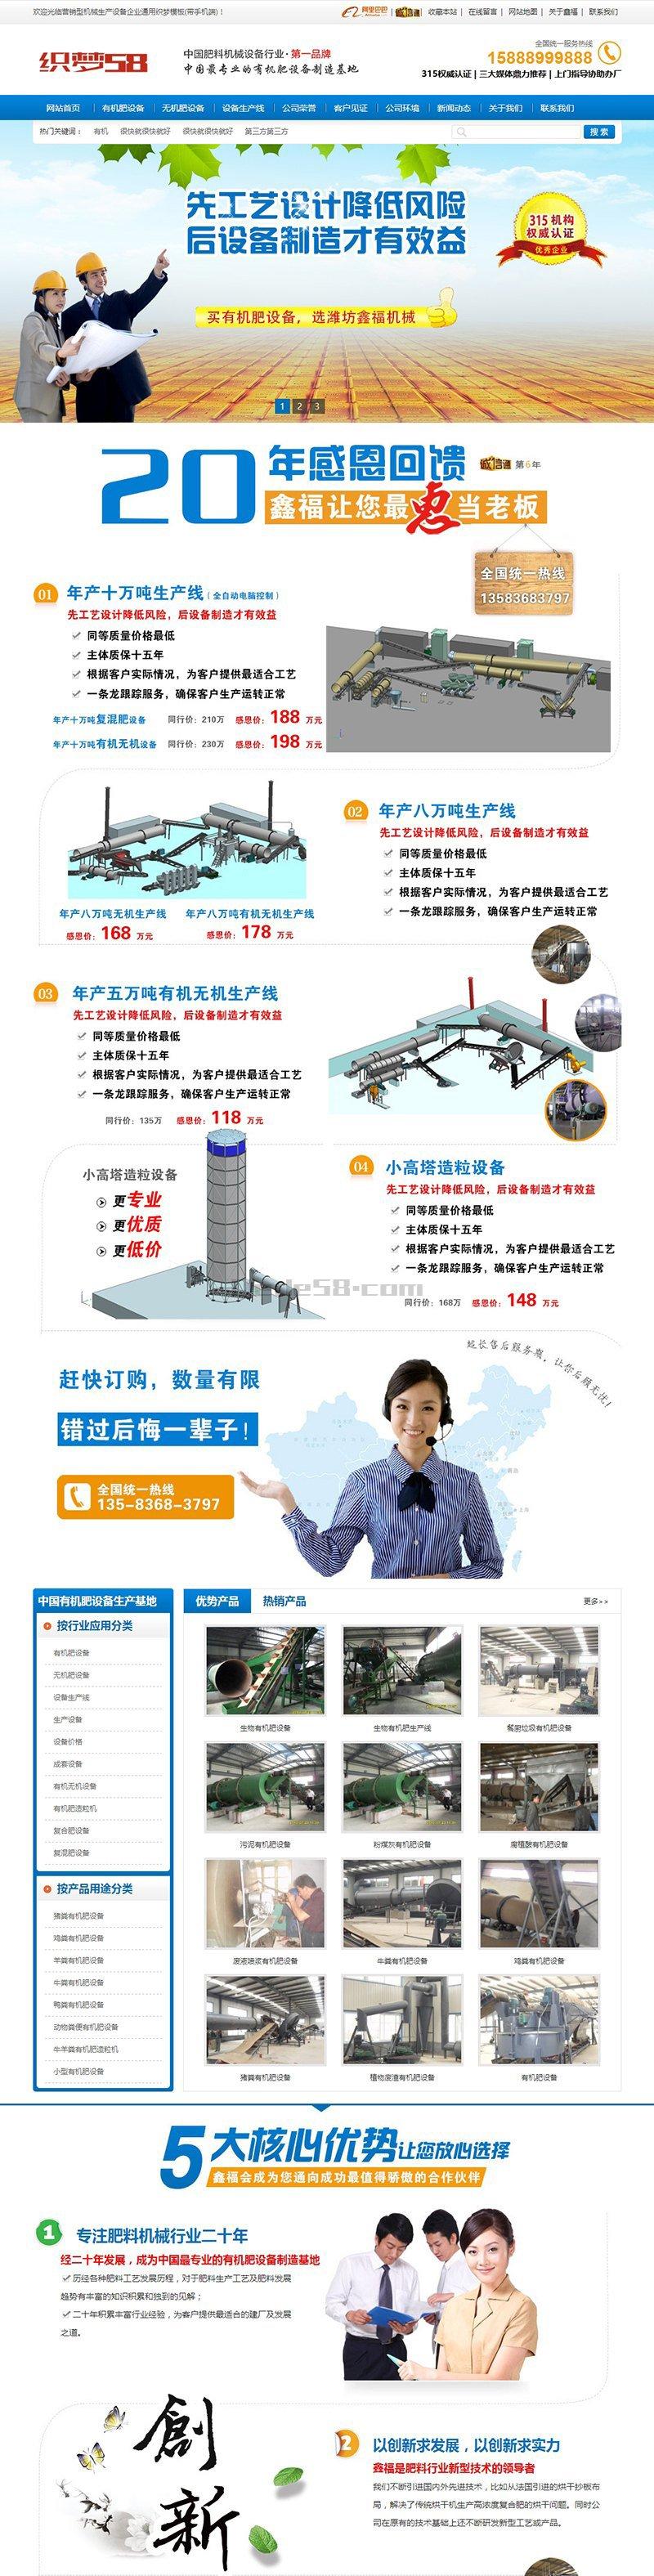 [织梦模板]营销型机械生产设备企业通用模板(带手机端)